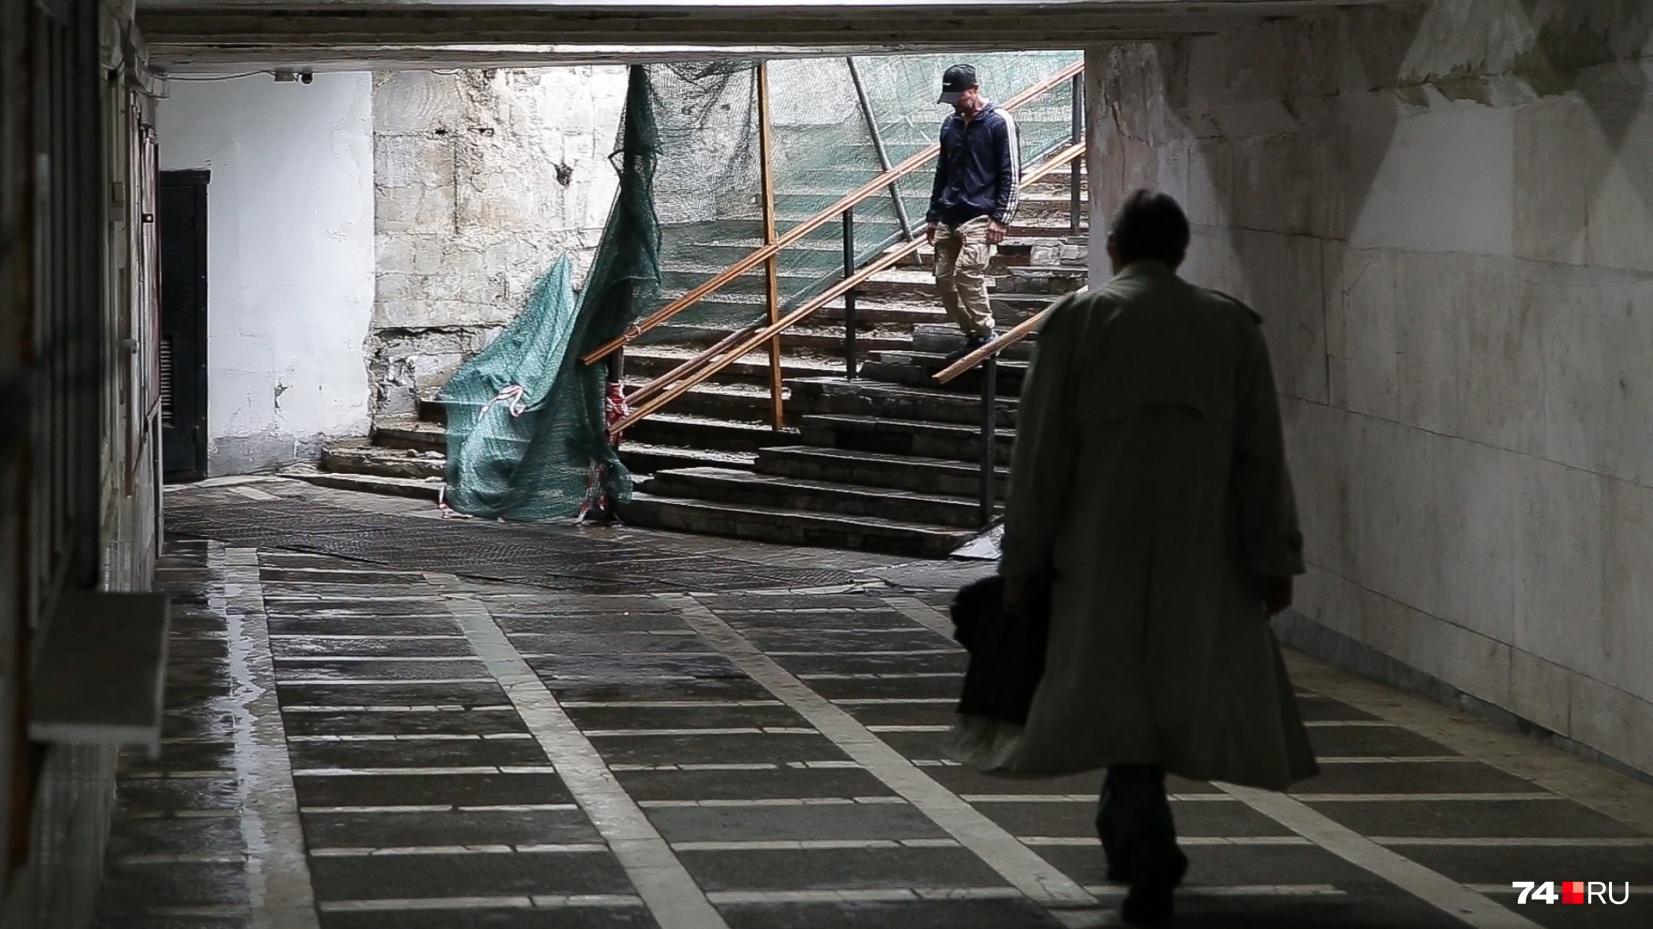 Переход на площади Революции сейчас представляет из себя подземелье из фильма ужасов, и такая картина в нём наблюдается с весны